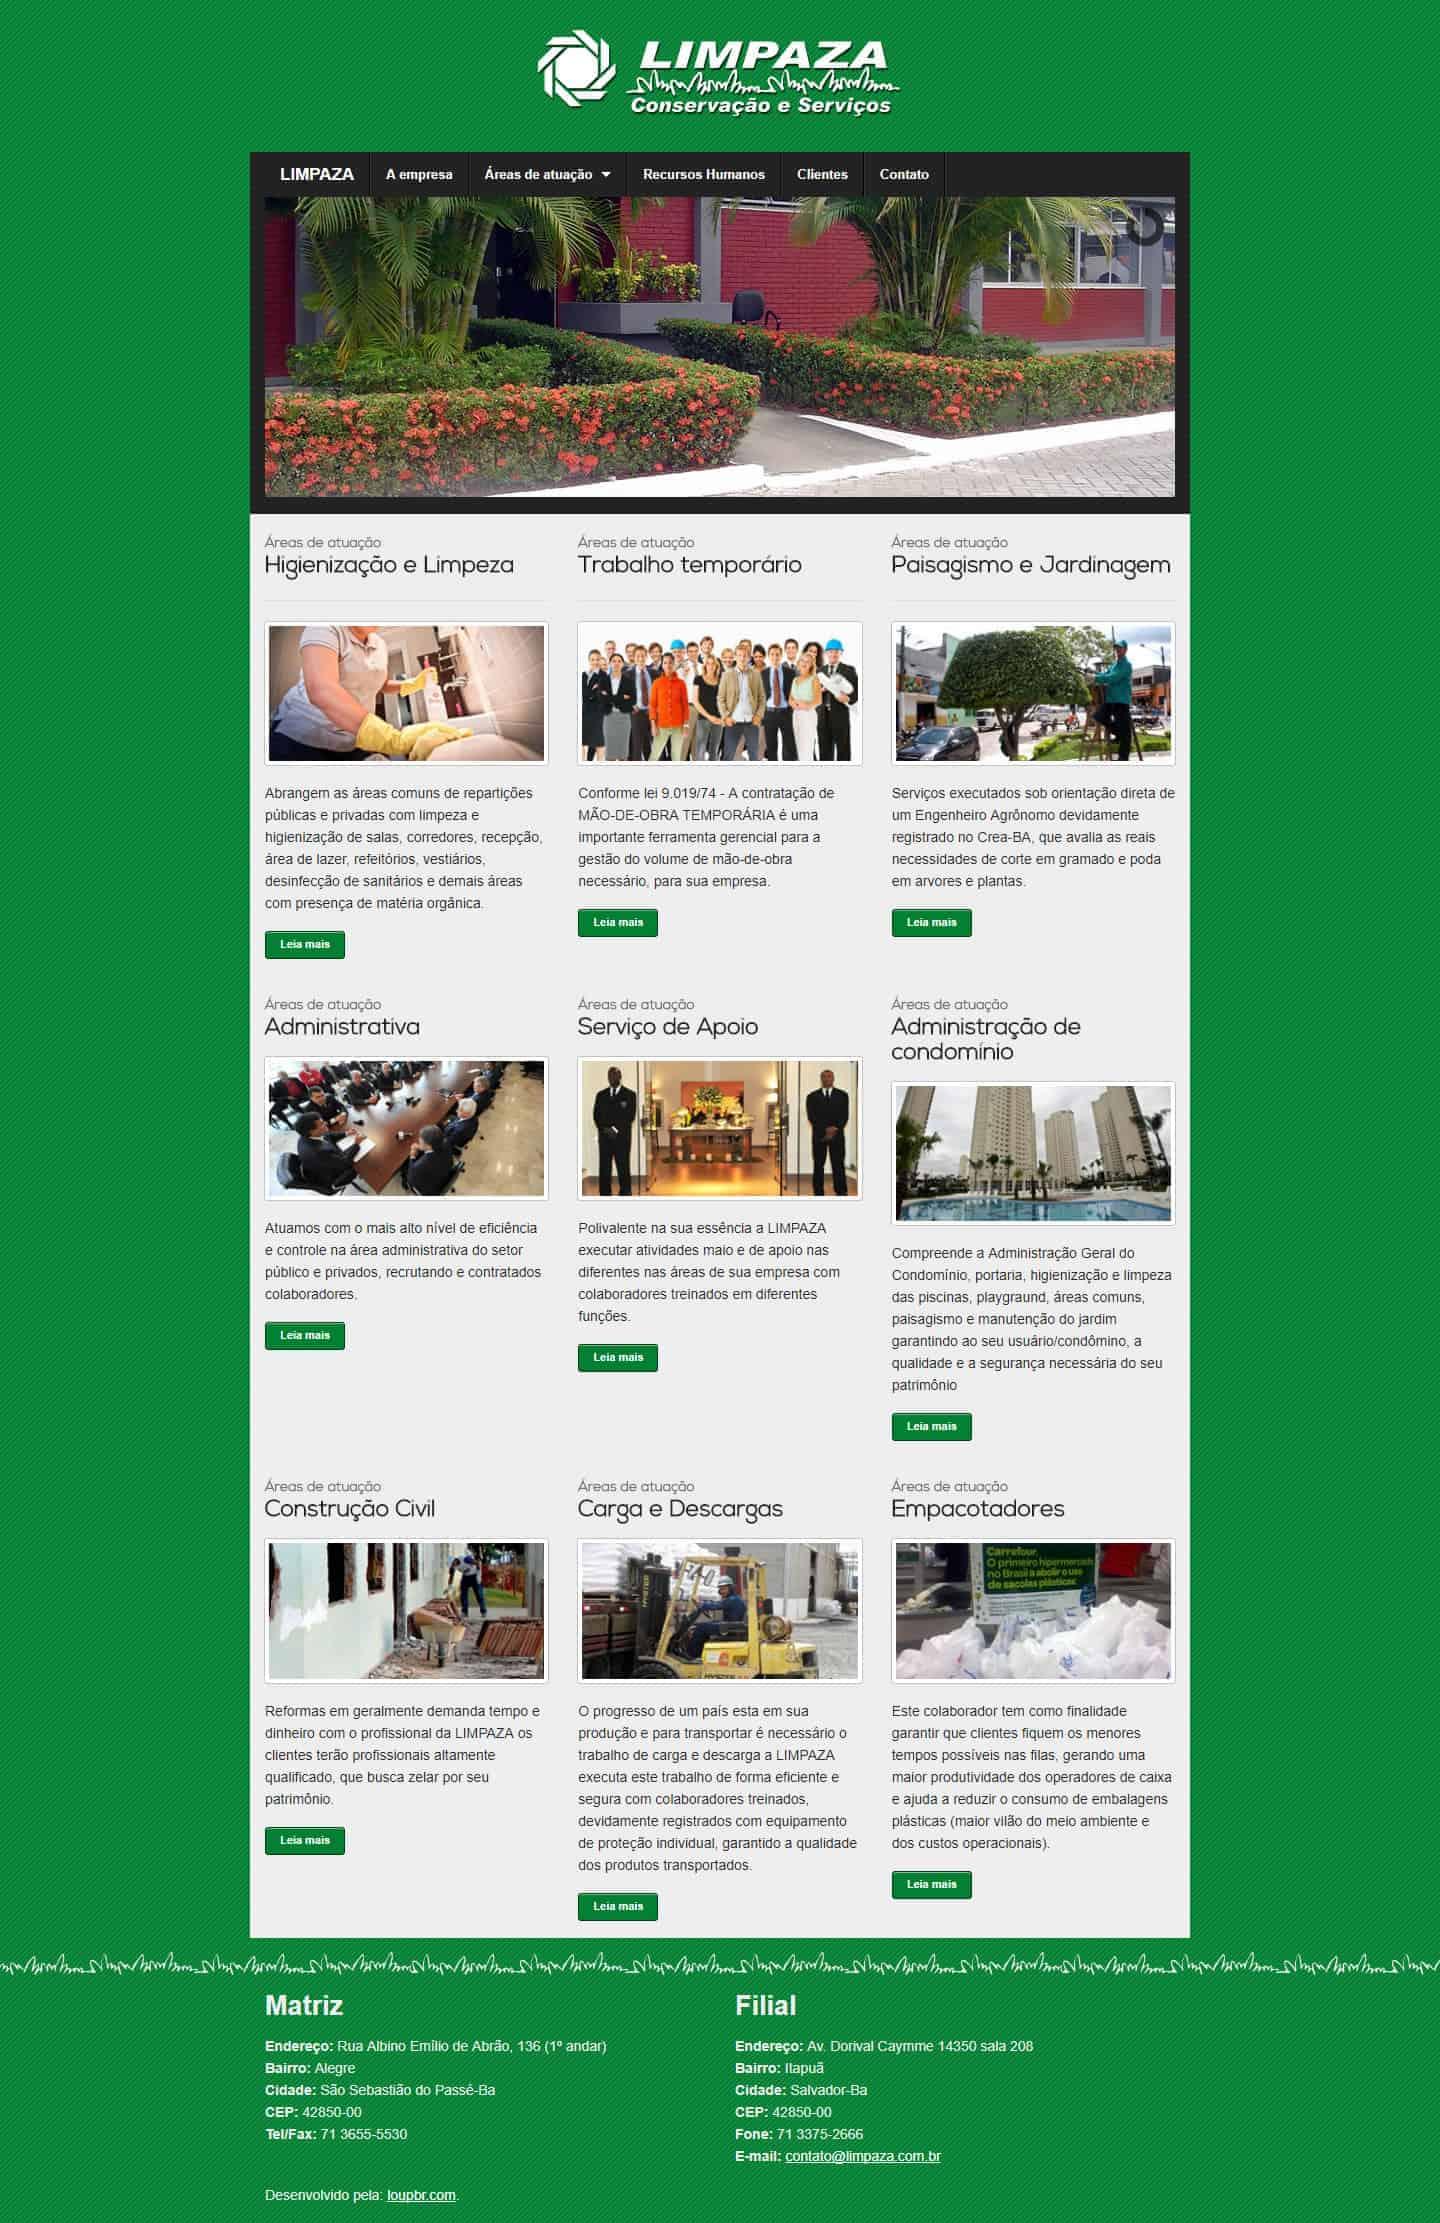 Página principal do site da Limpaza.